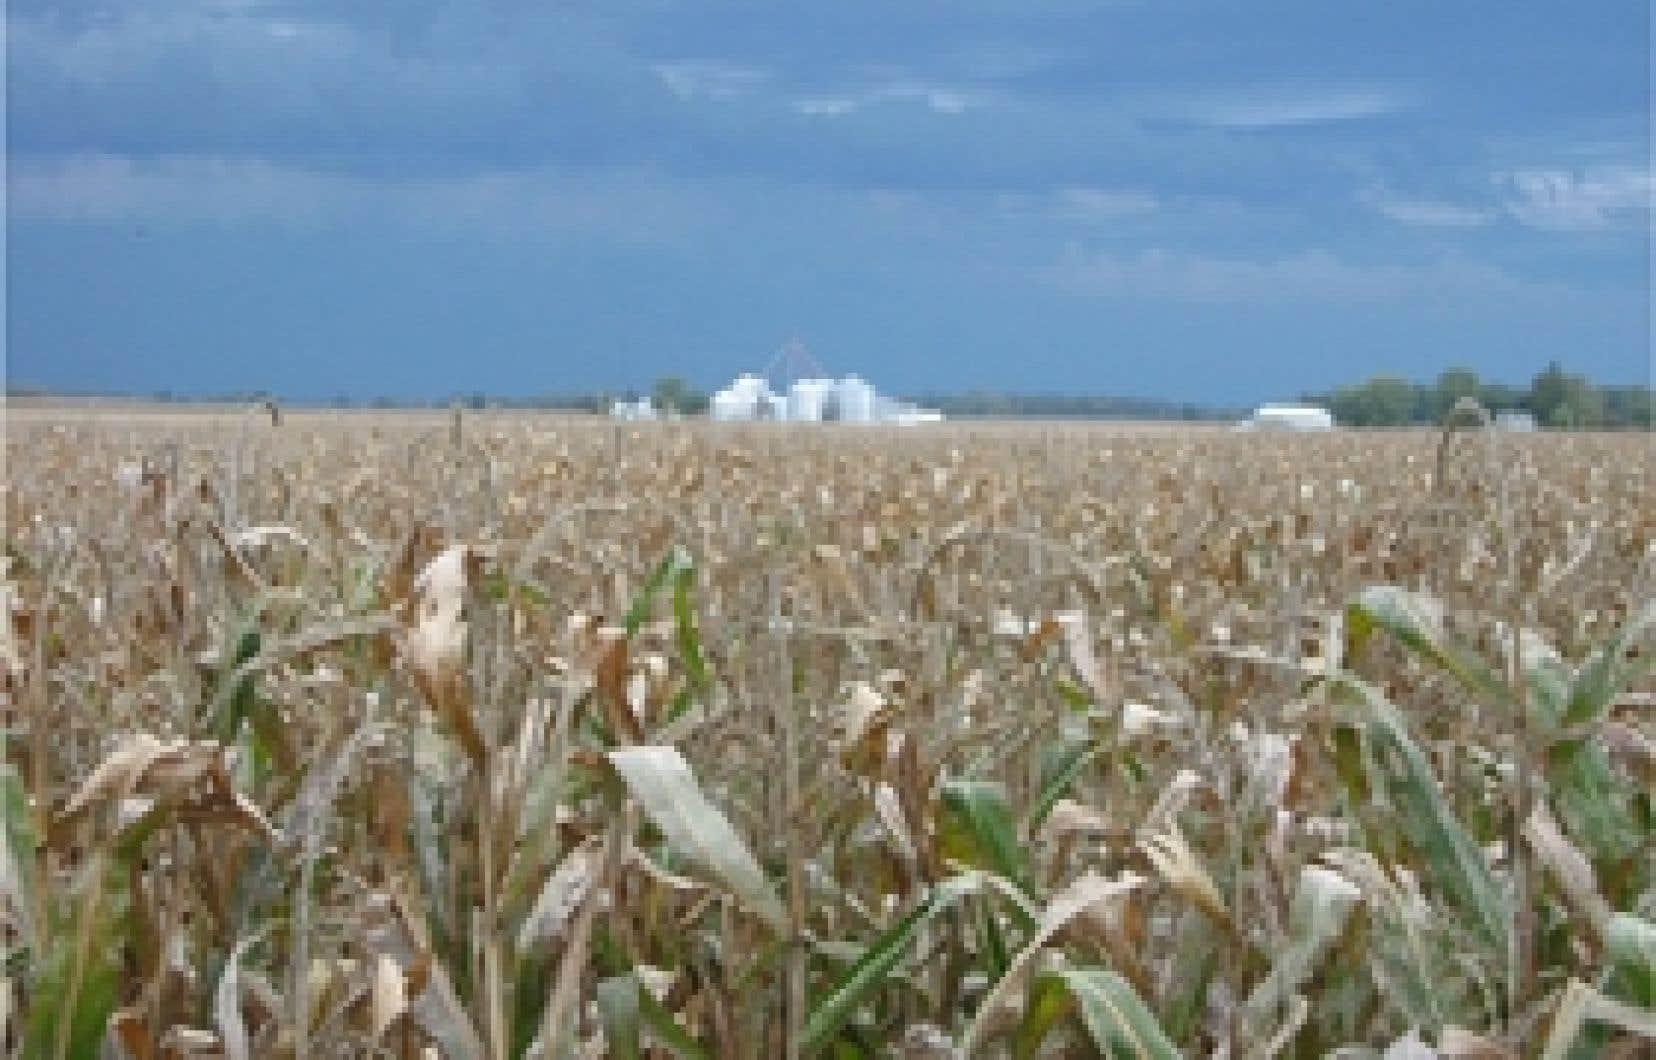 Le canola, certes, mais aussi le maïs et d'autres denrées, sont produits à partie d'OGM partout dans le monde.